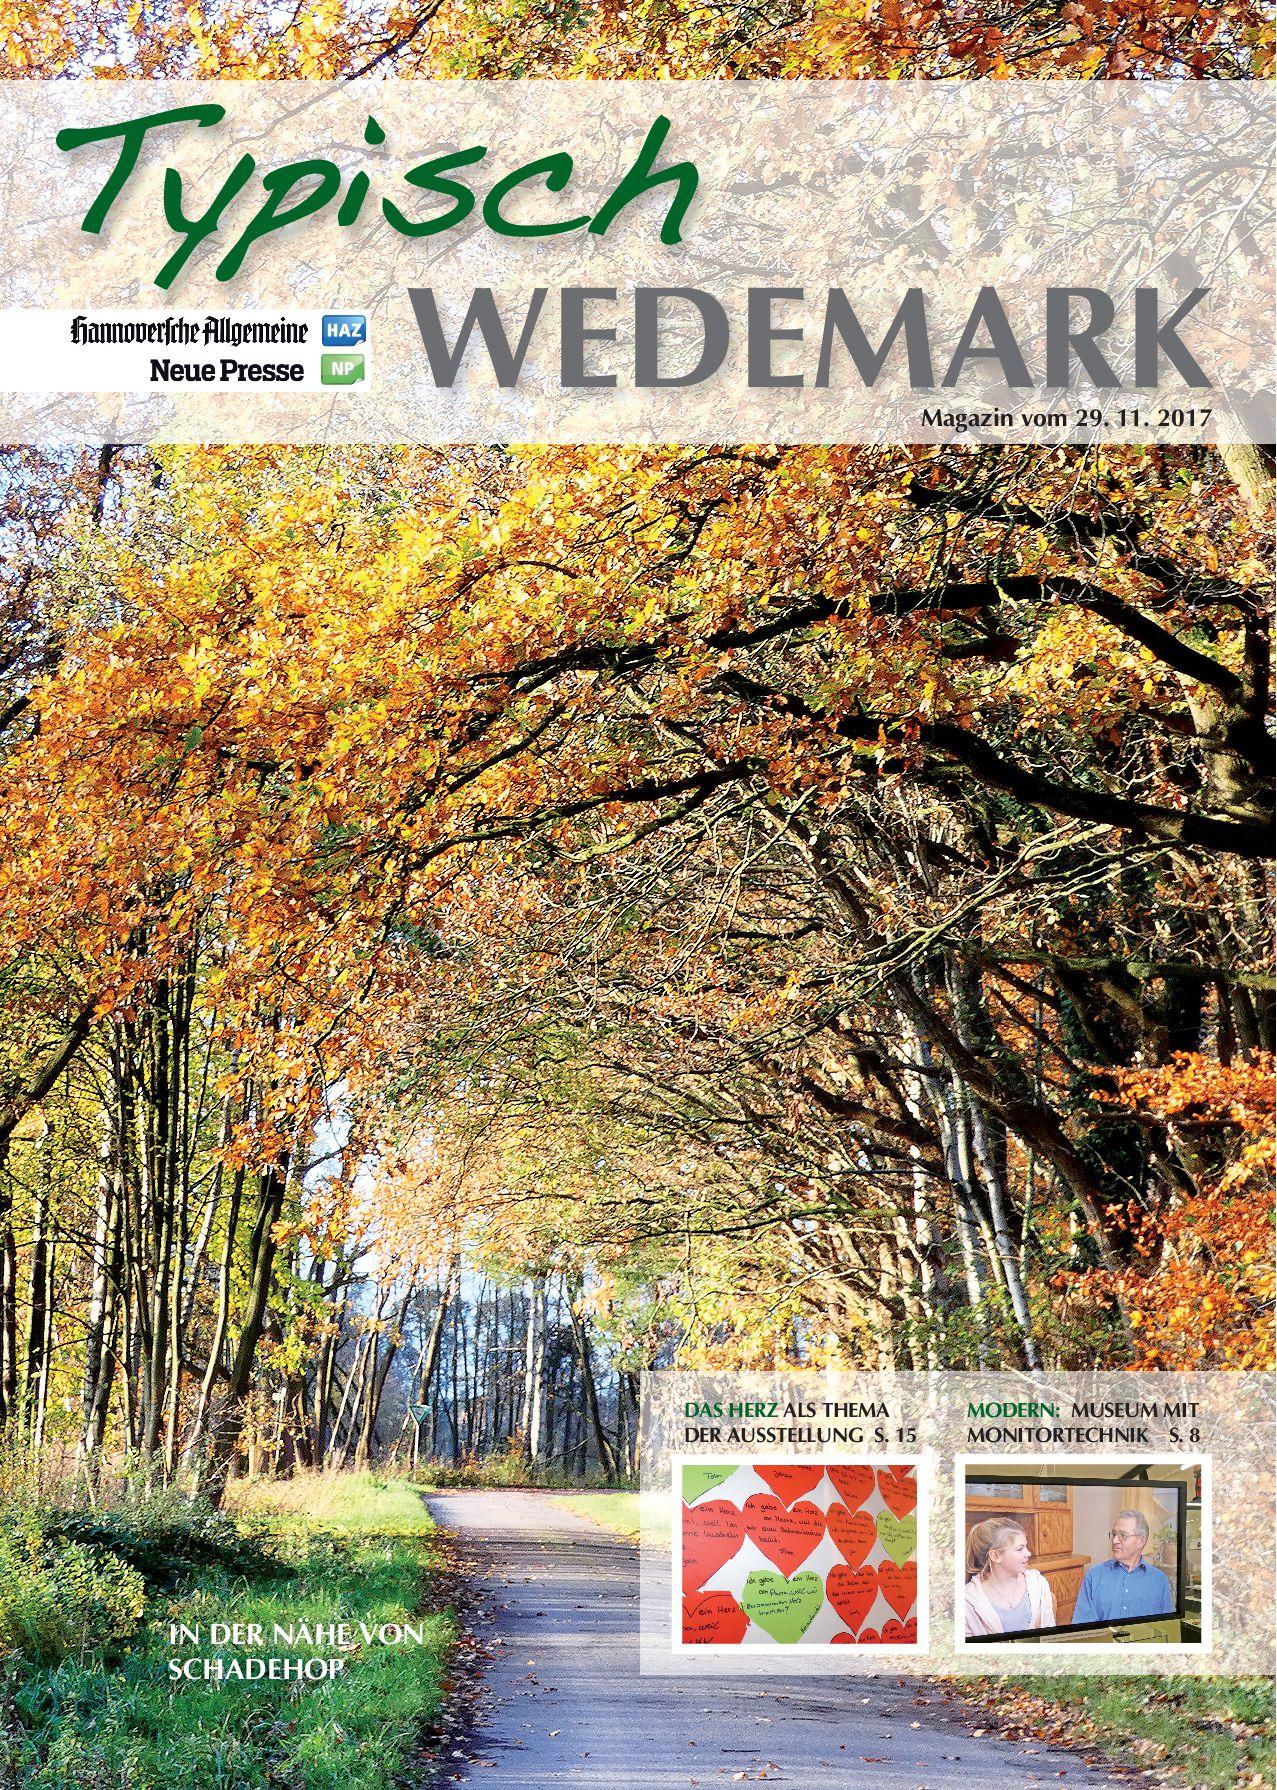 typisch-wedemark-vom-29-11-2017